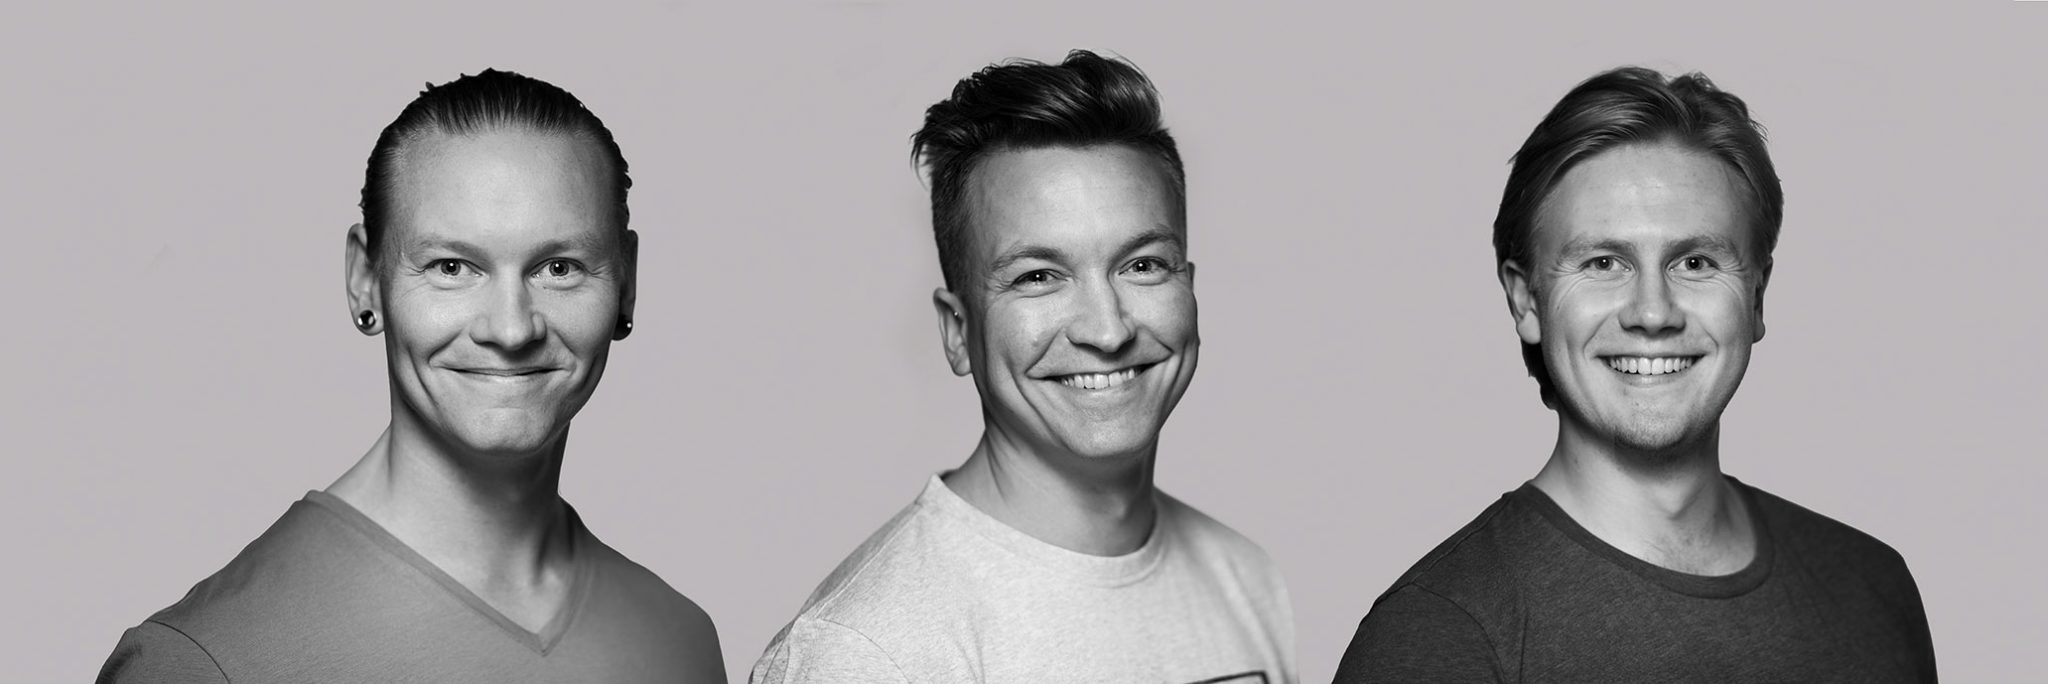 Maciej Krzysztof Fotograf Magik